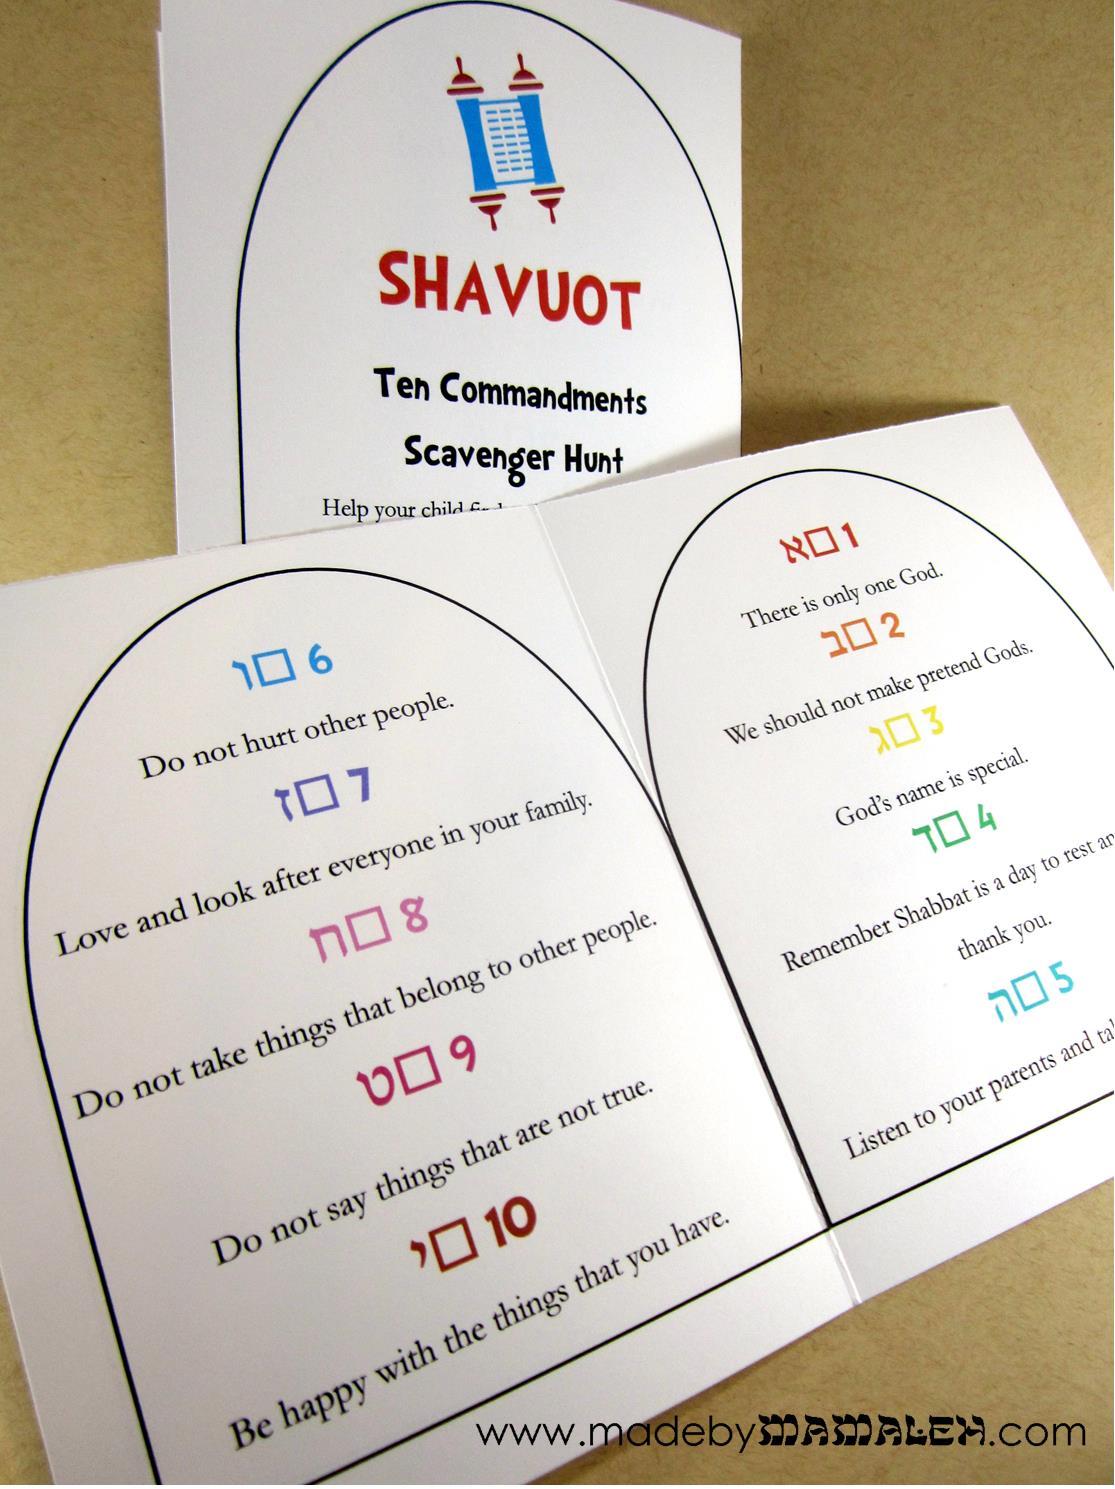 Ten Commandments Scavenger Hunt For Shavuot